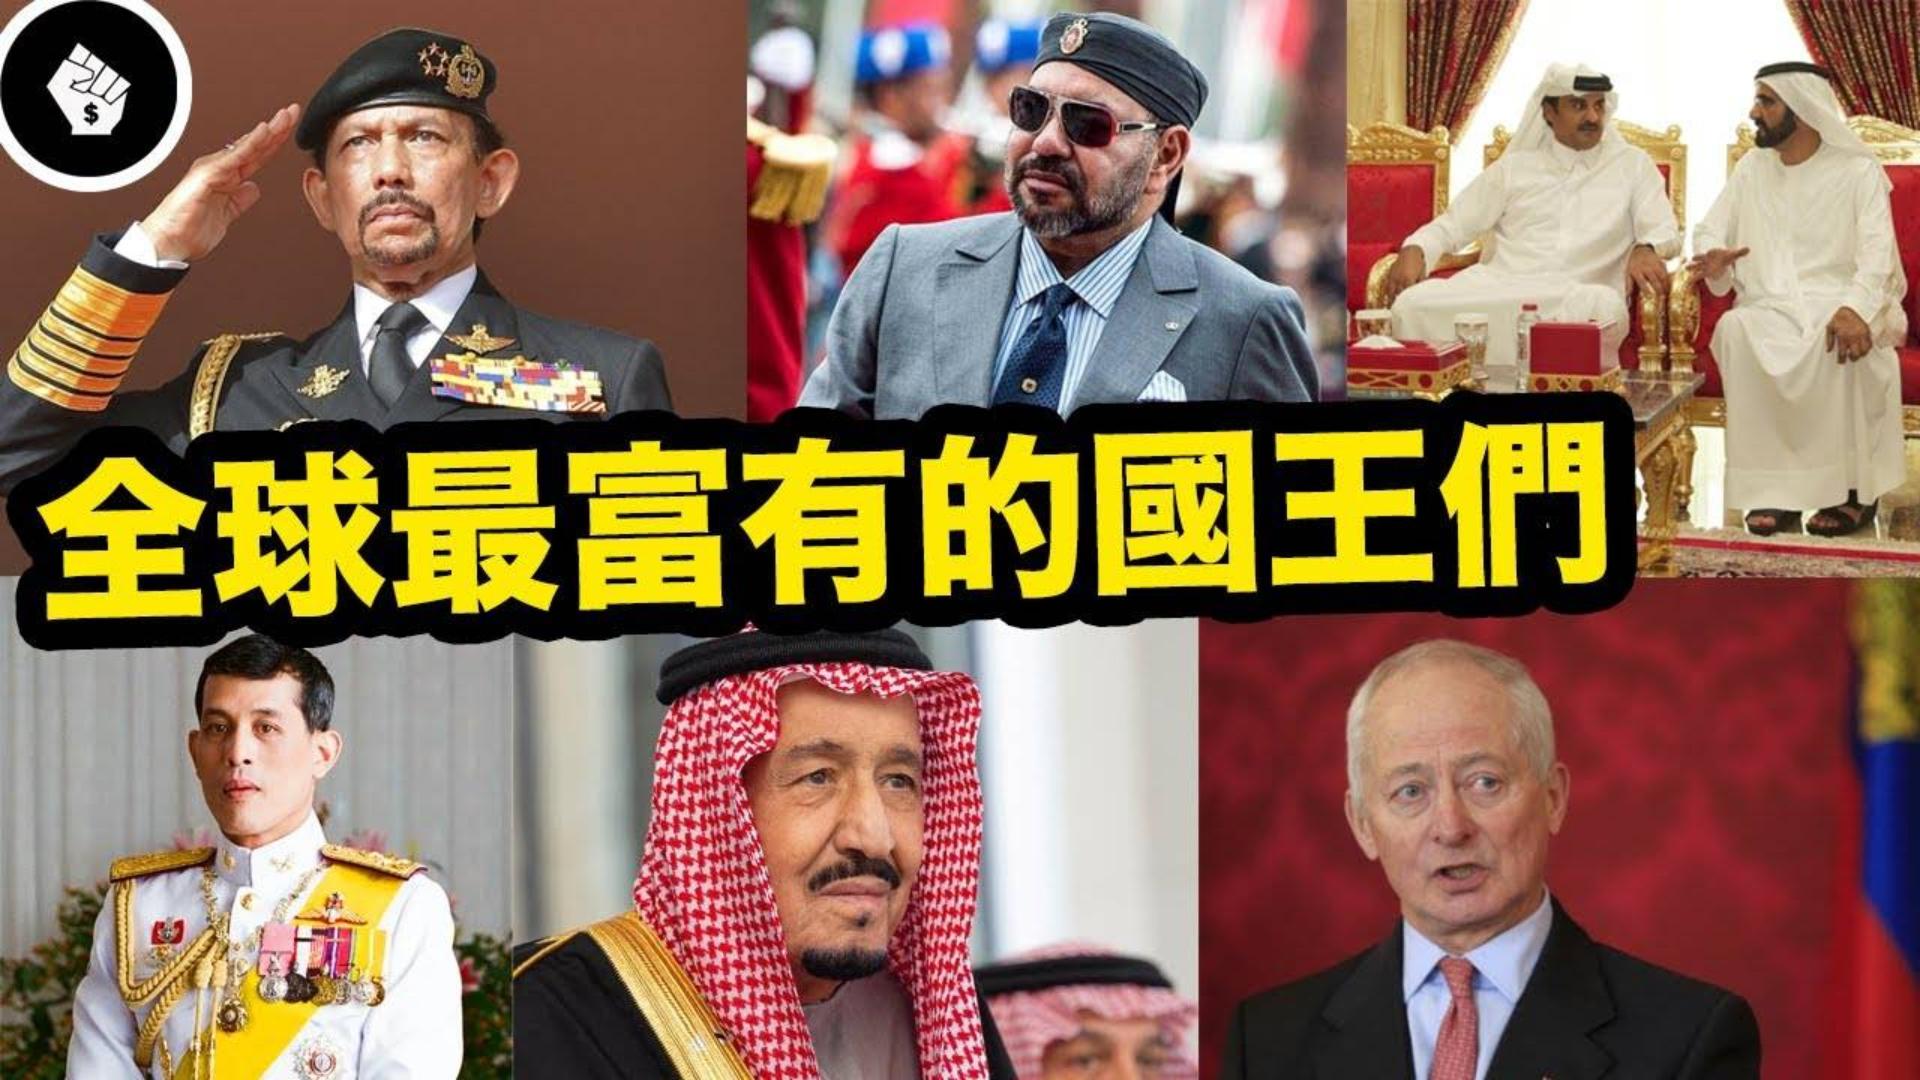 世界上最富有的十个王室国王,欧洲有3位,最富有的却是在亚洲?